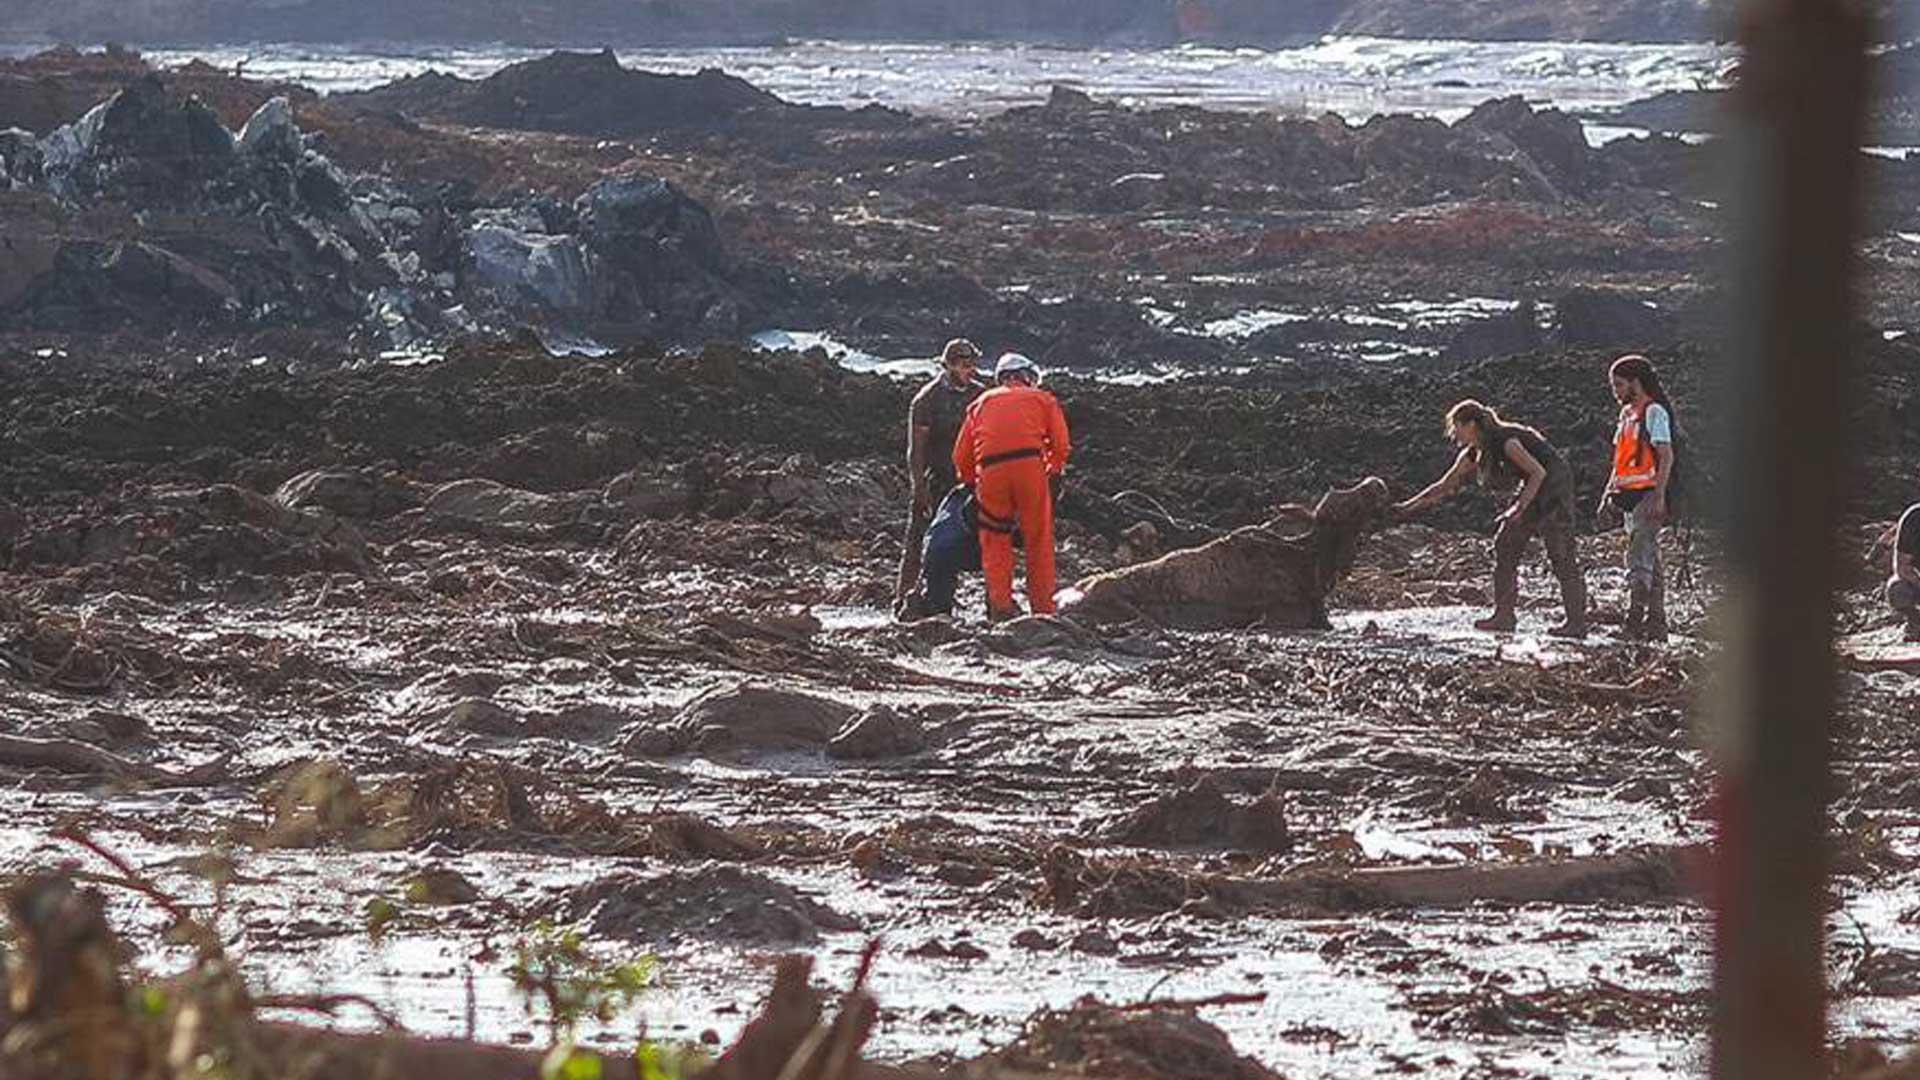 La tarea de los rescatistas, la desesperada búsqueda por sobrevivientes en el lodo y entre los escombros. Foto: Archivo DEF.